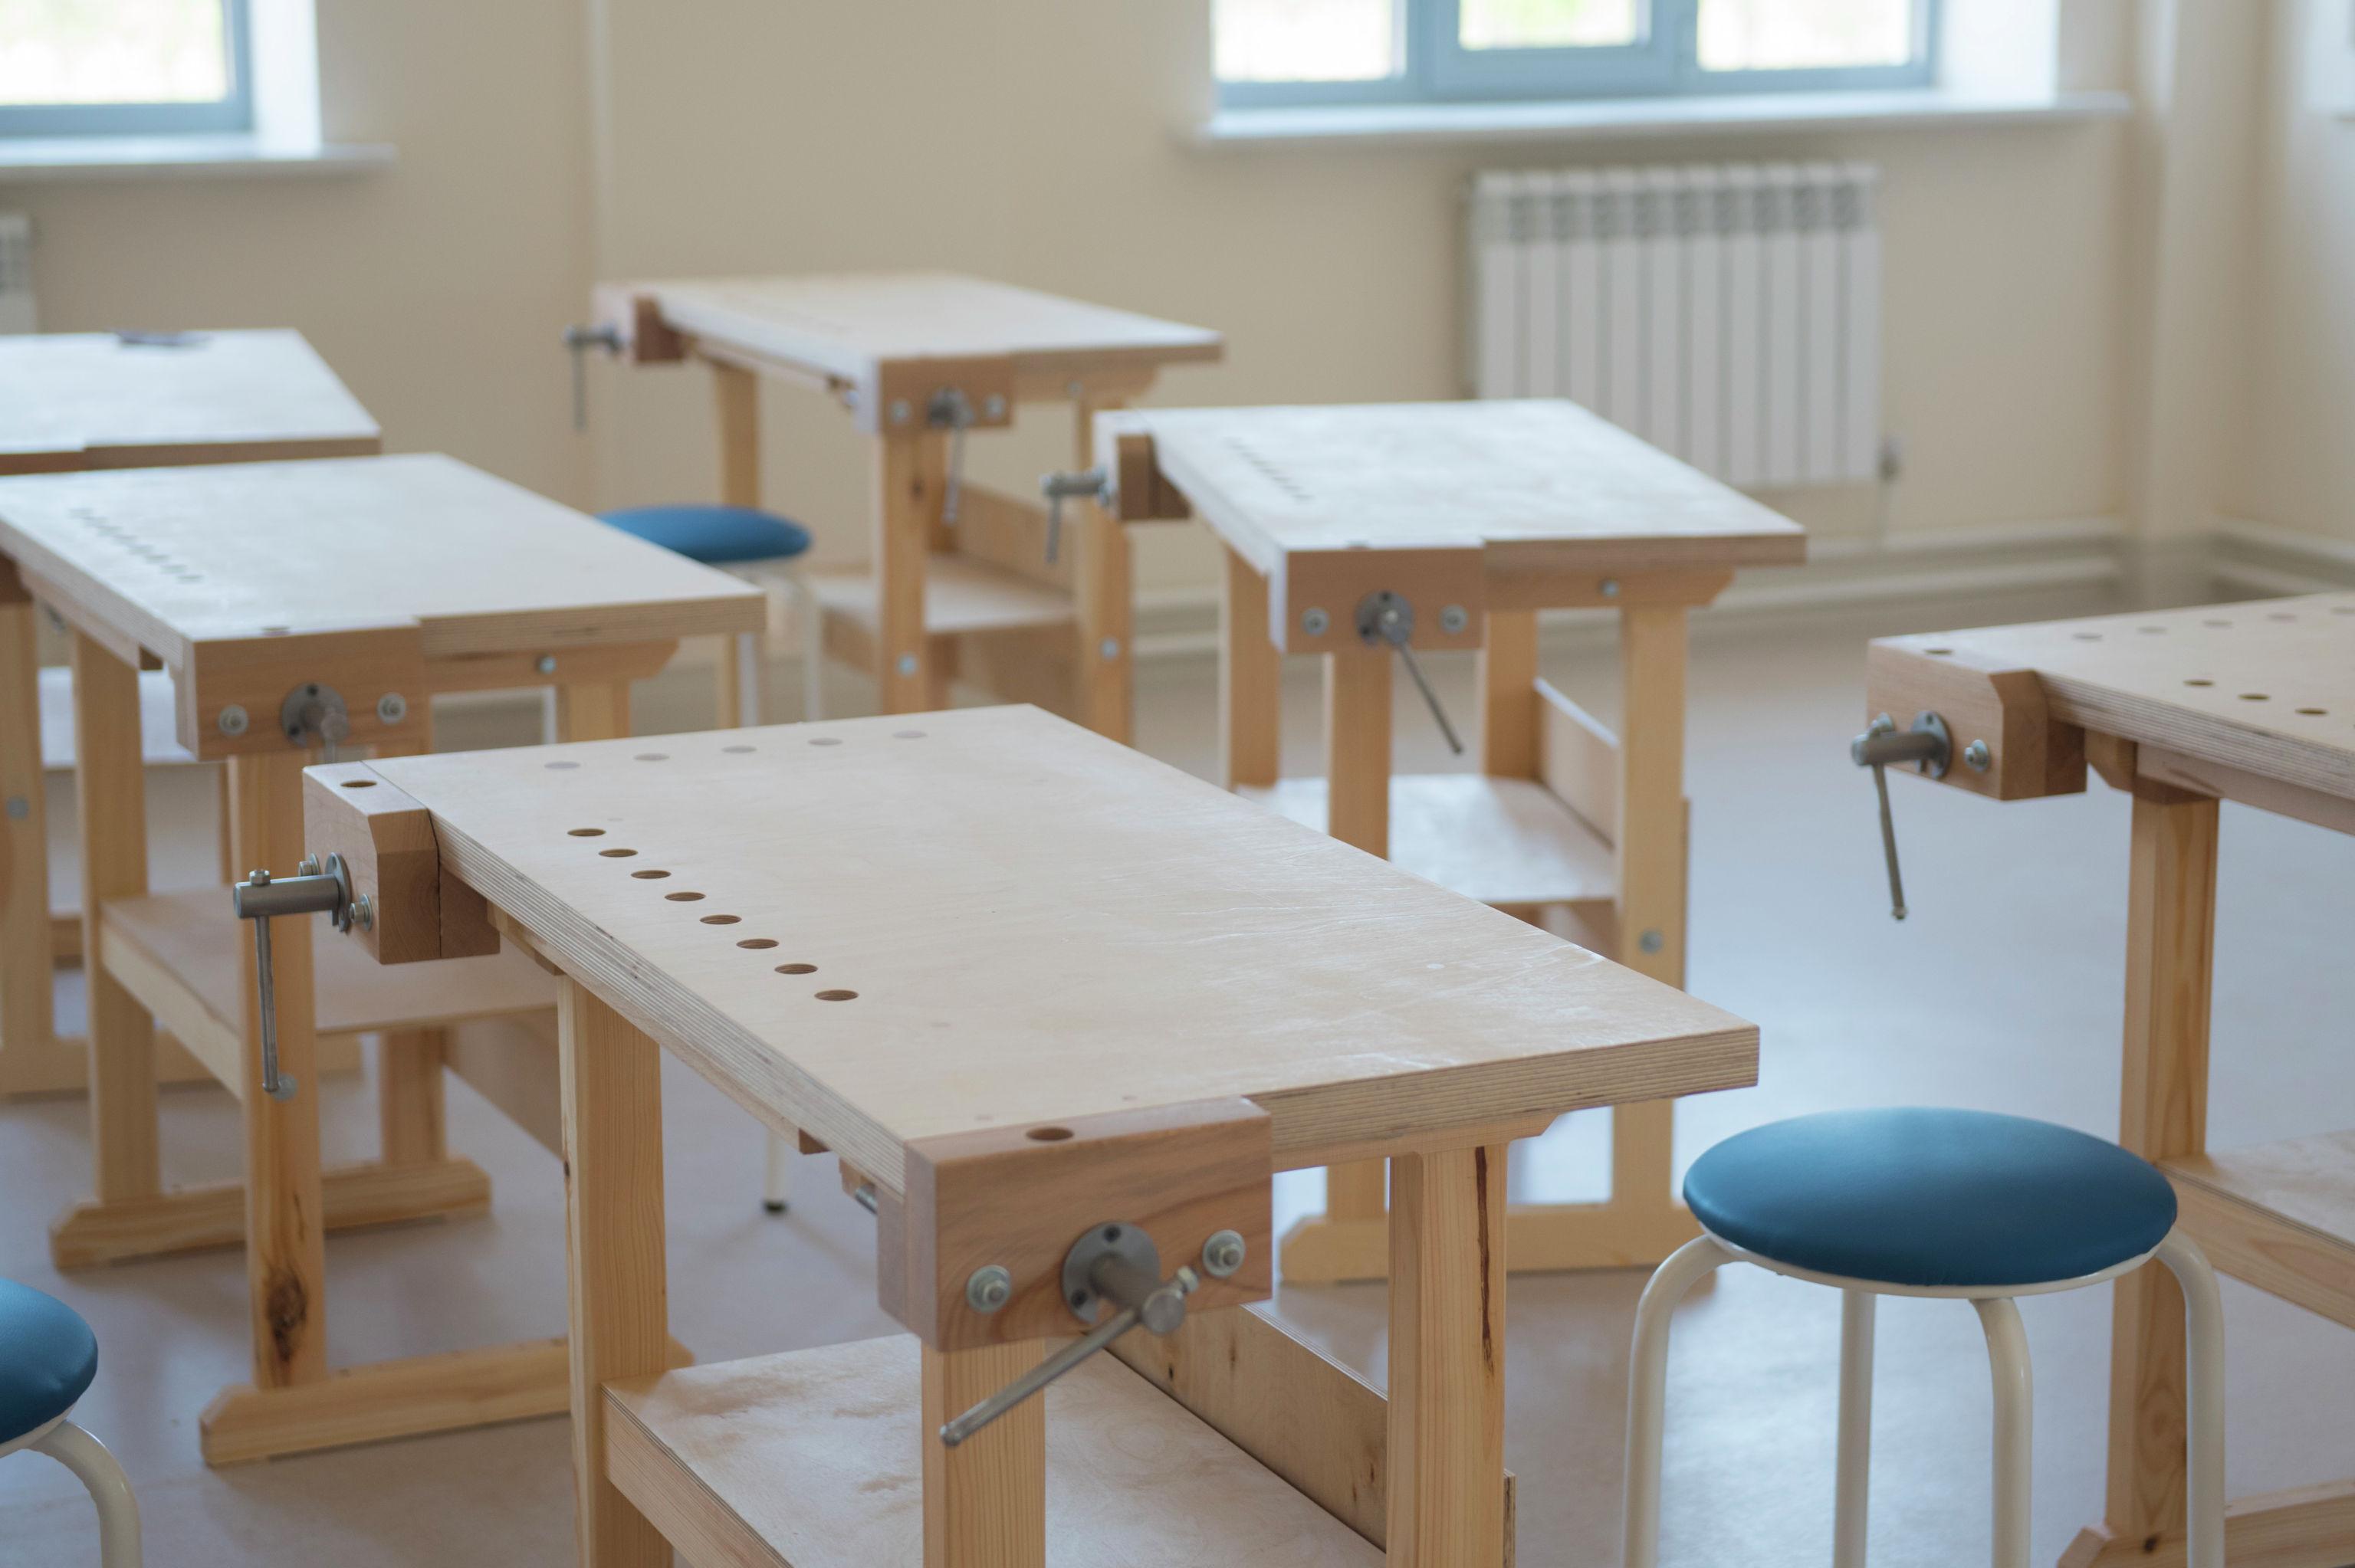 Мастерская в школе в южной части Бишкека построенной в рамках проекта Газпром — детям